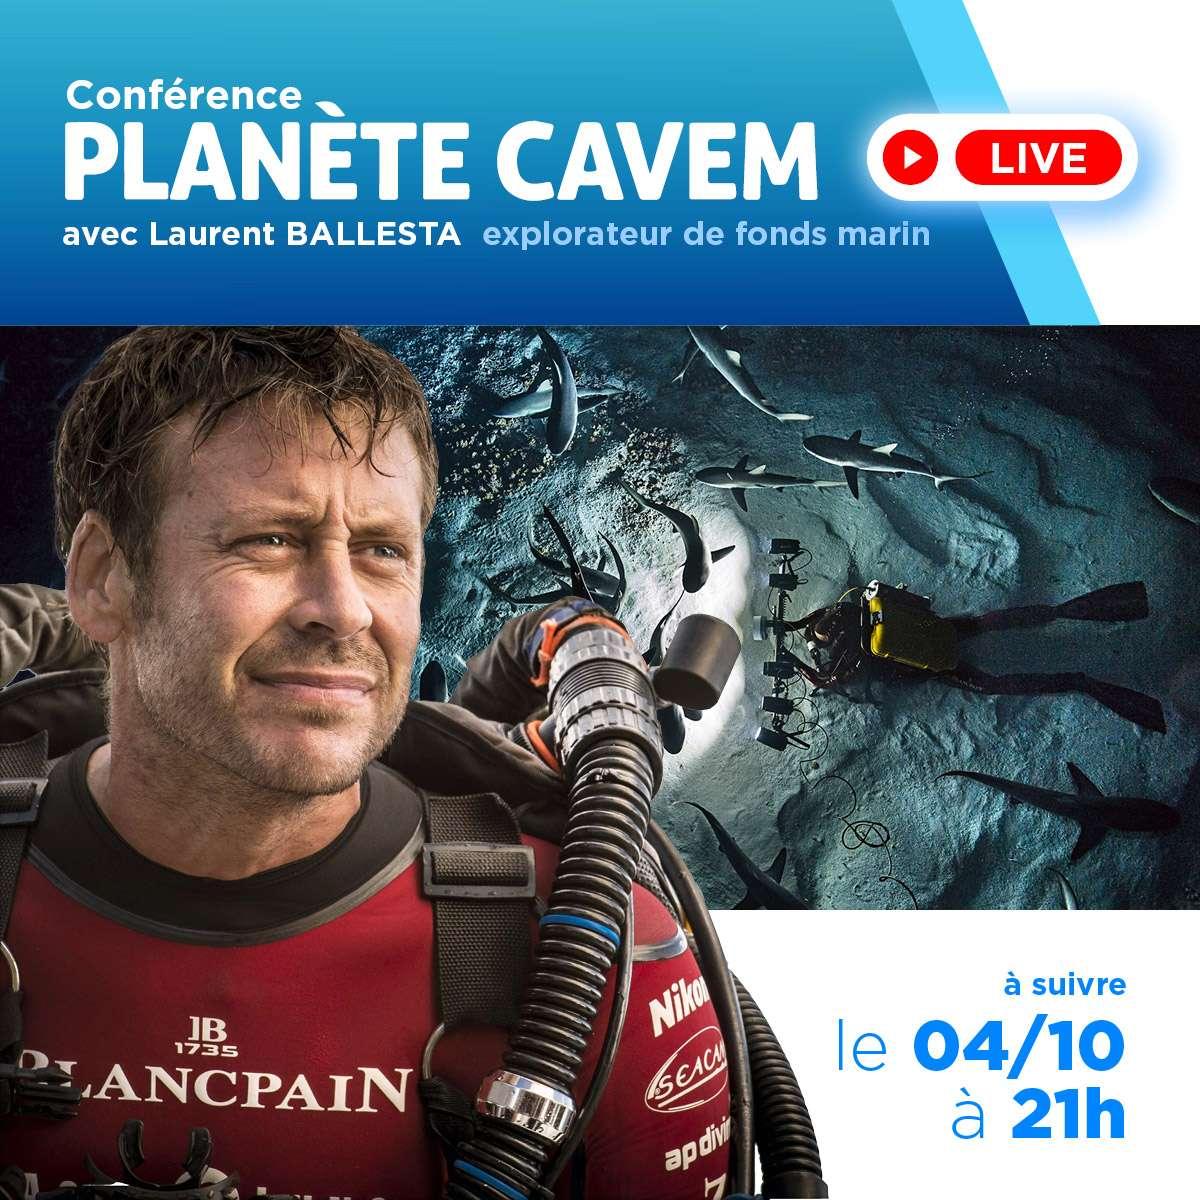 Le 4 octobre, Laurent Ballesta sera présent à la soirée d'ouverture de l'évènement Planète CAVEM 2019 et livrera dans une conférence « Les coulisses de l'expédition Gombessa V (Planète Méditerranée) ». Un rendez-vous à suivre en direct sur notre page Facebook. © Futura